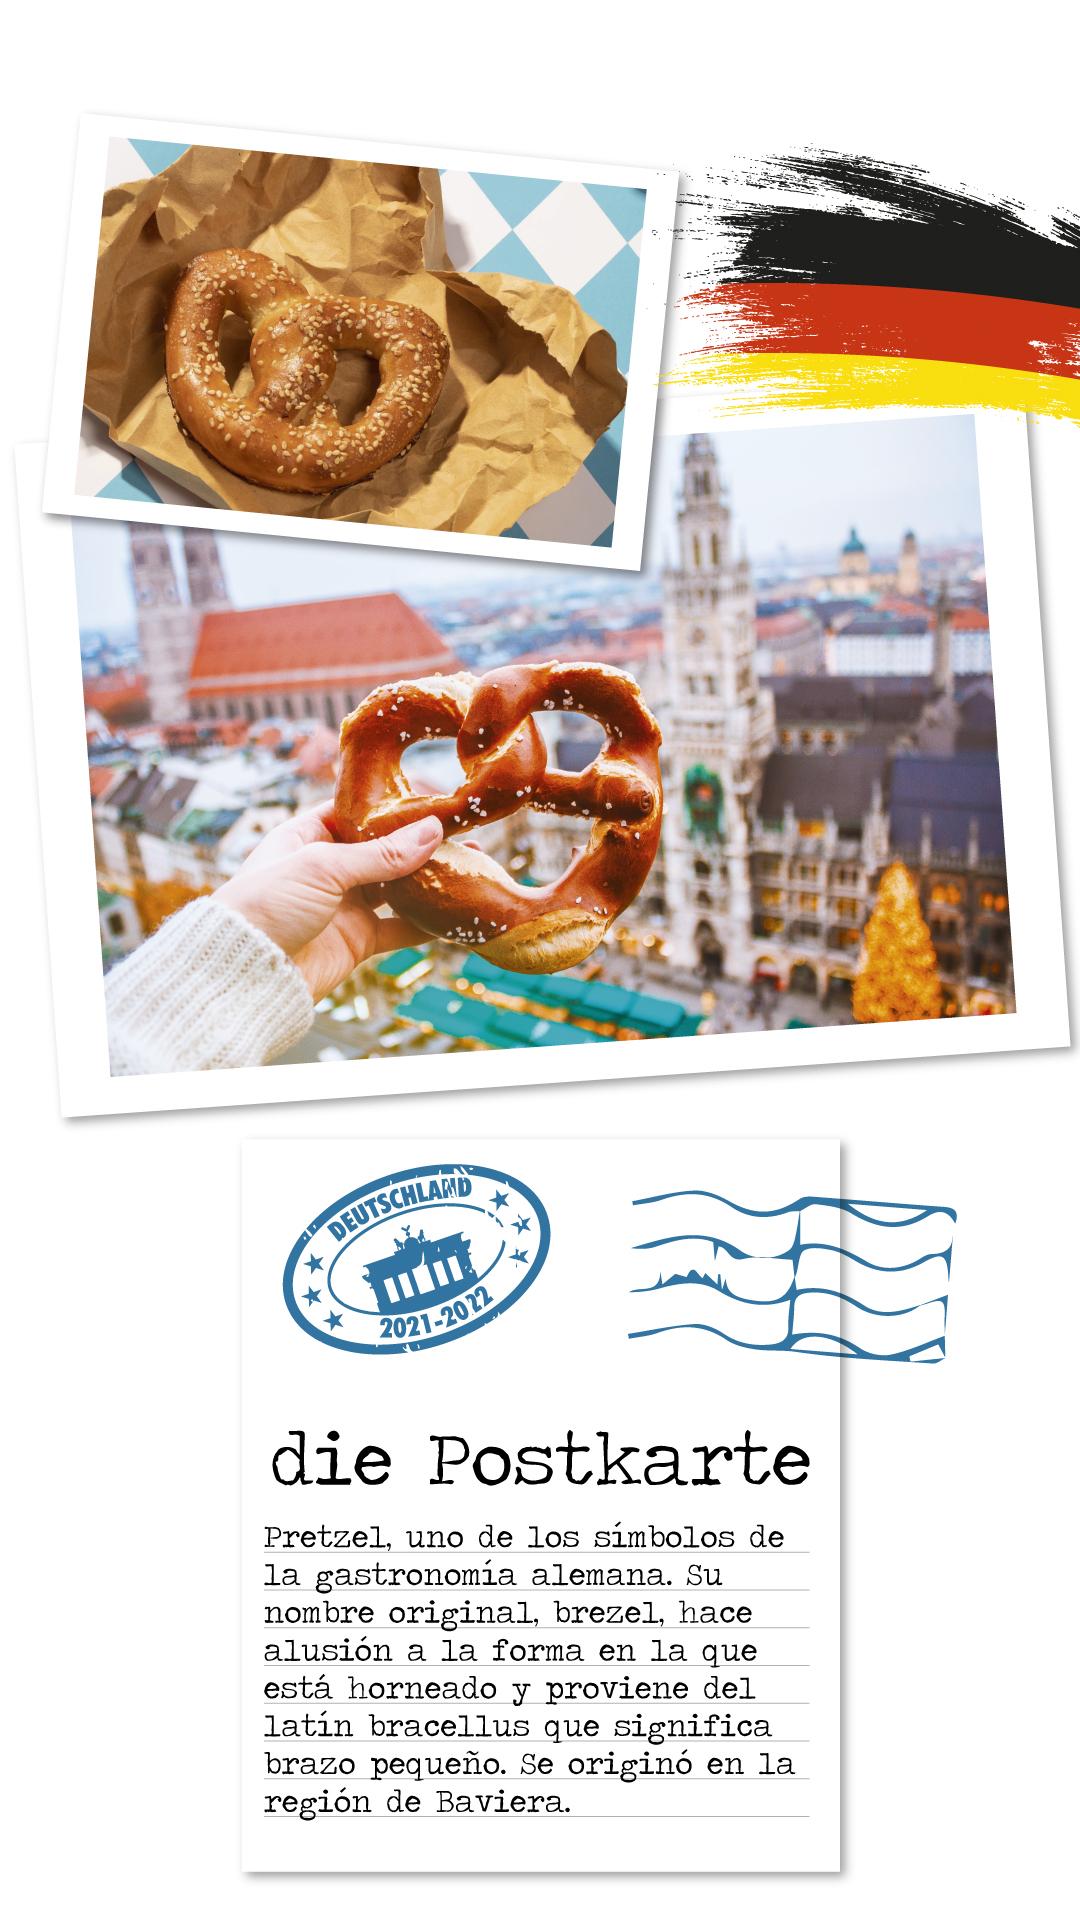 die postkarte